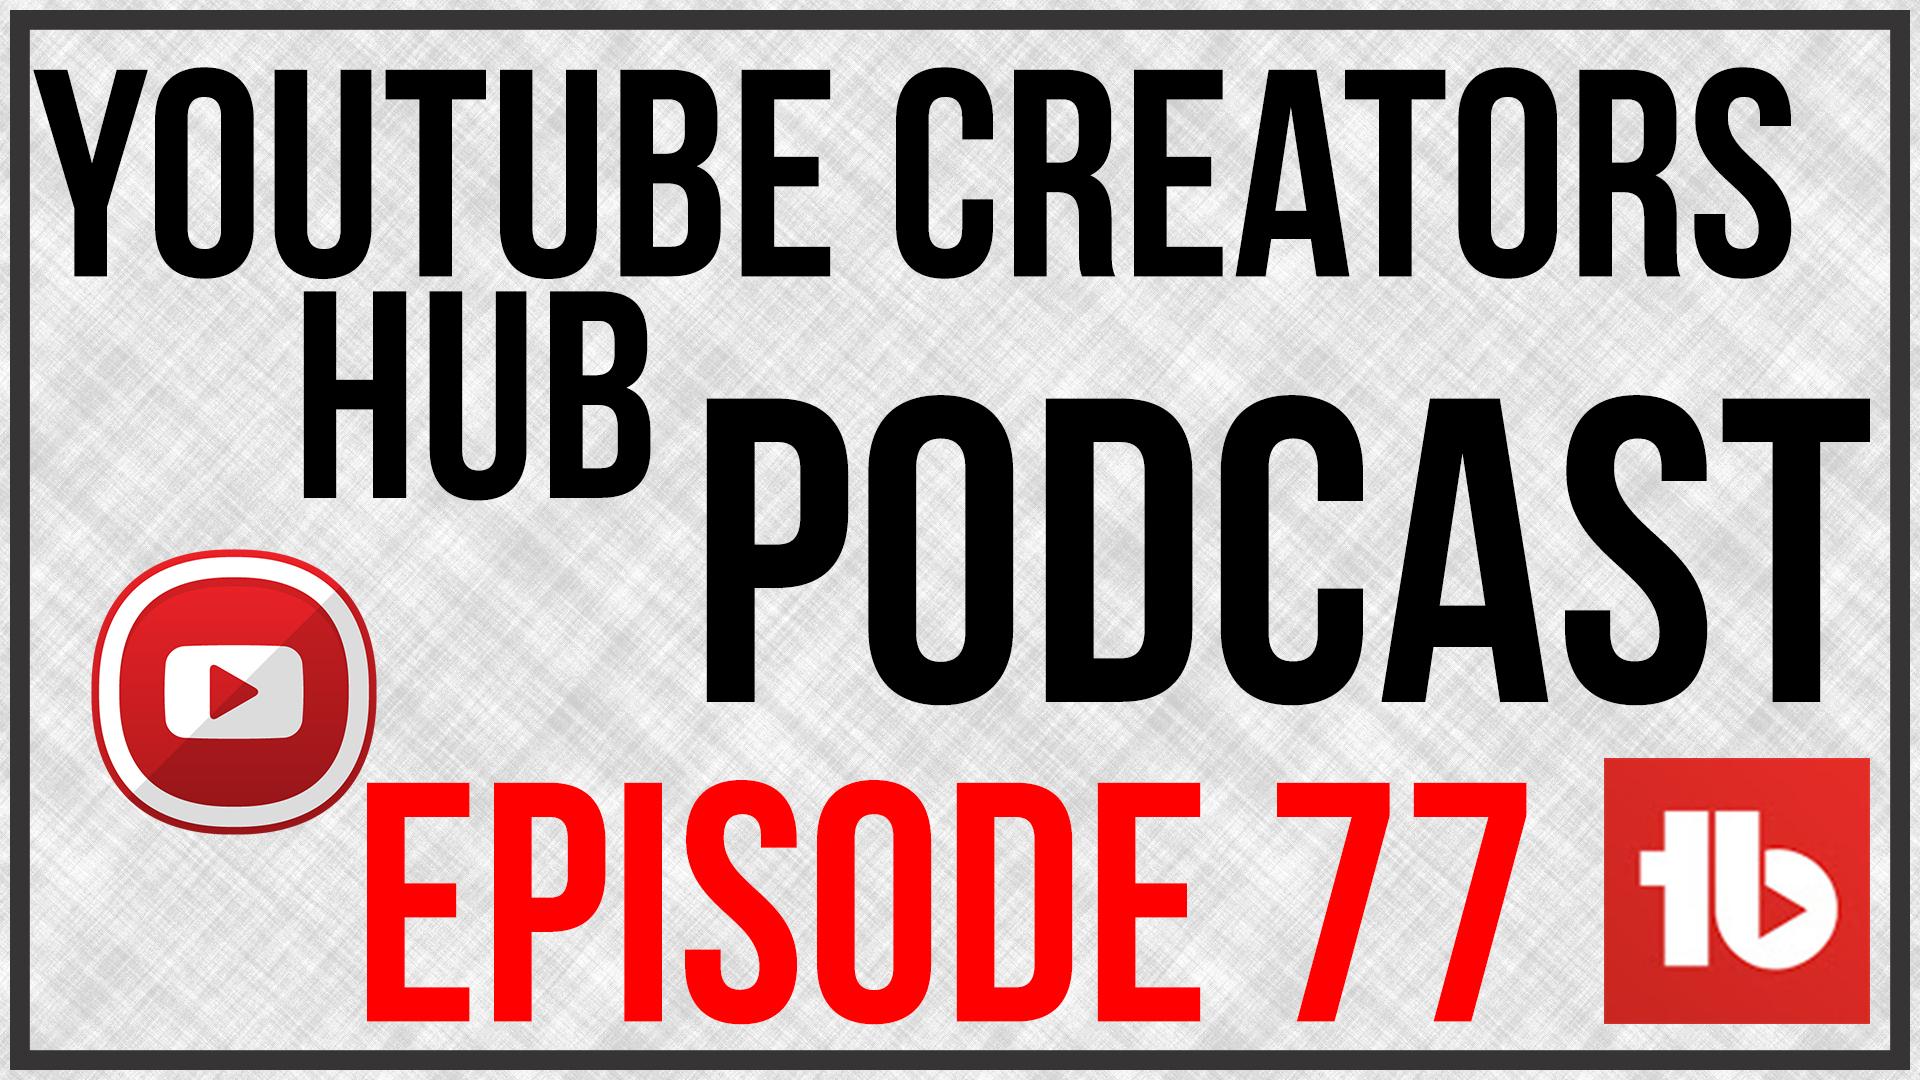 YouTube Creators Hub Episode 77